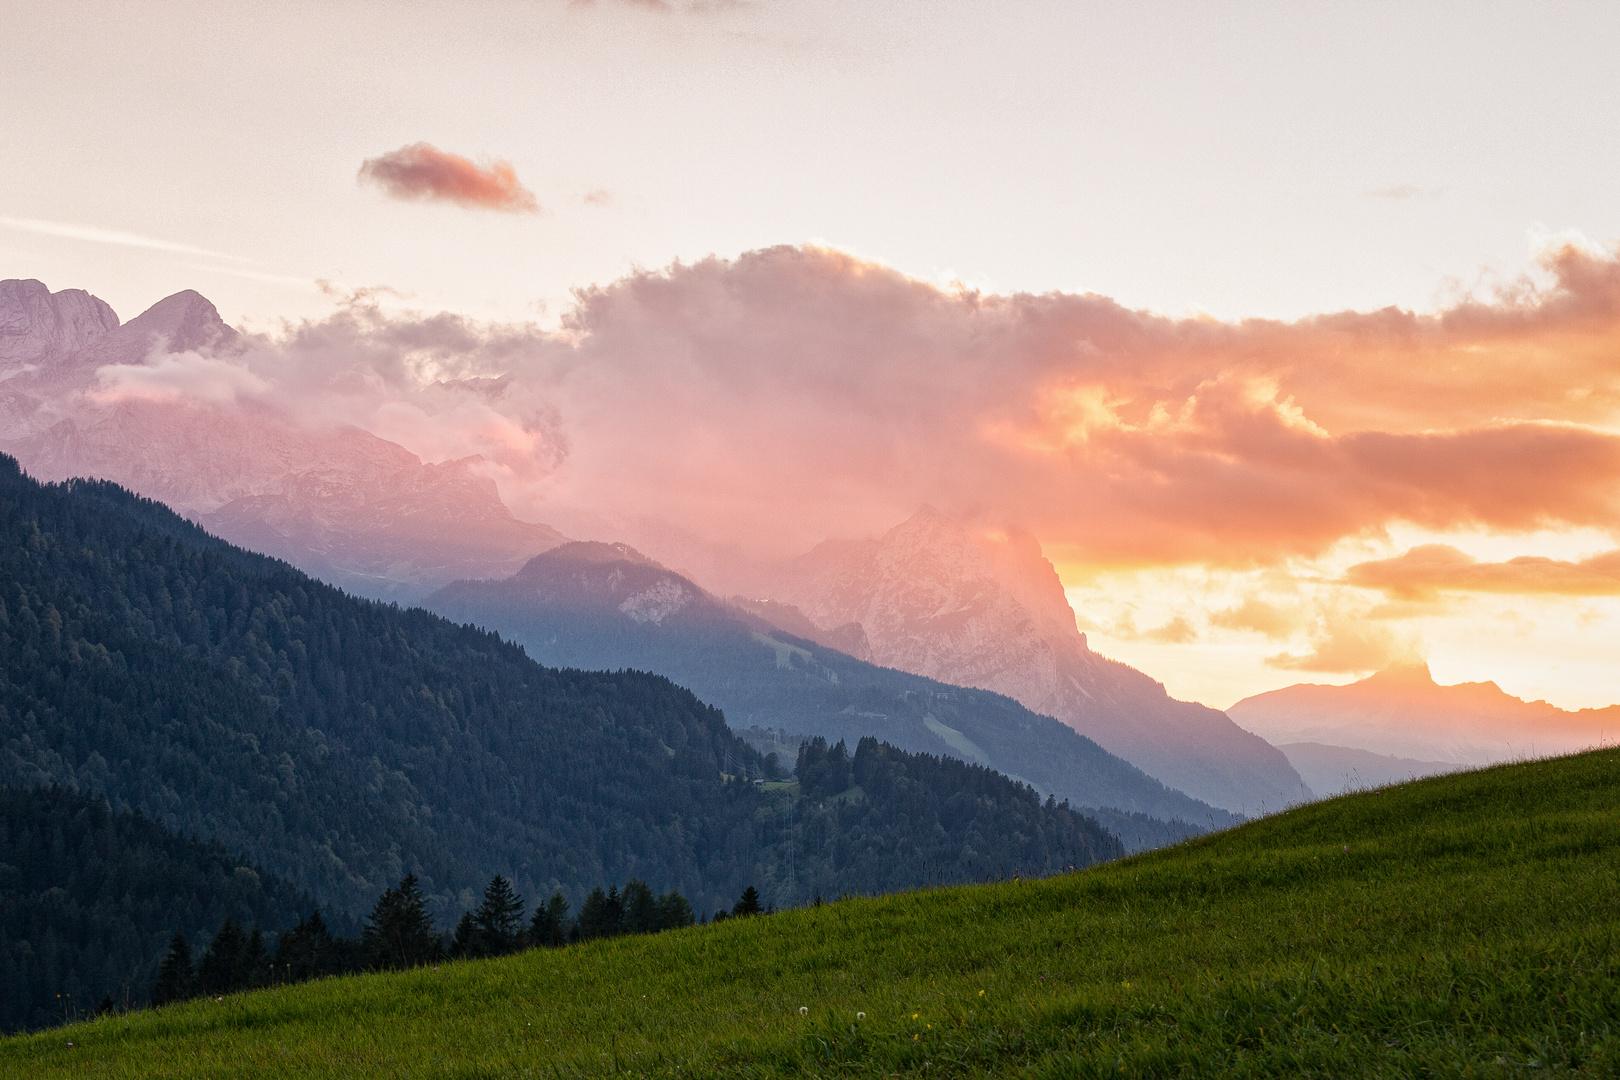 Mountains glow